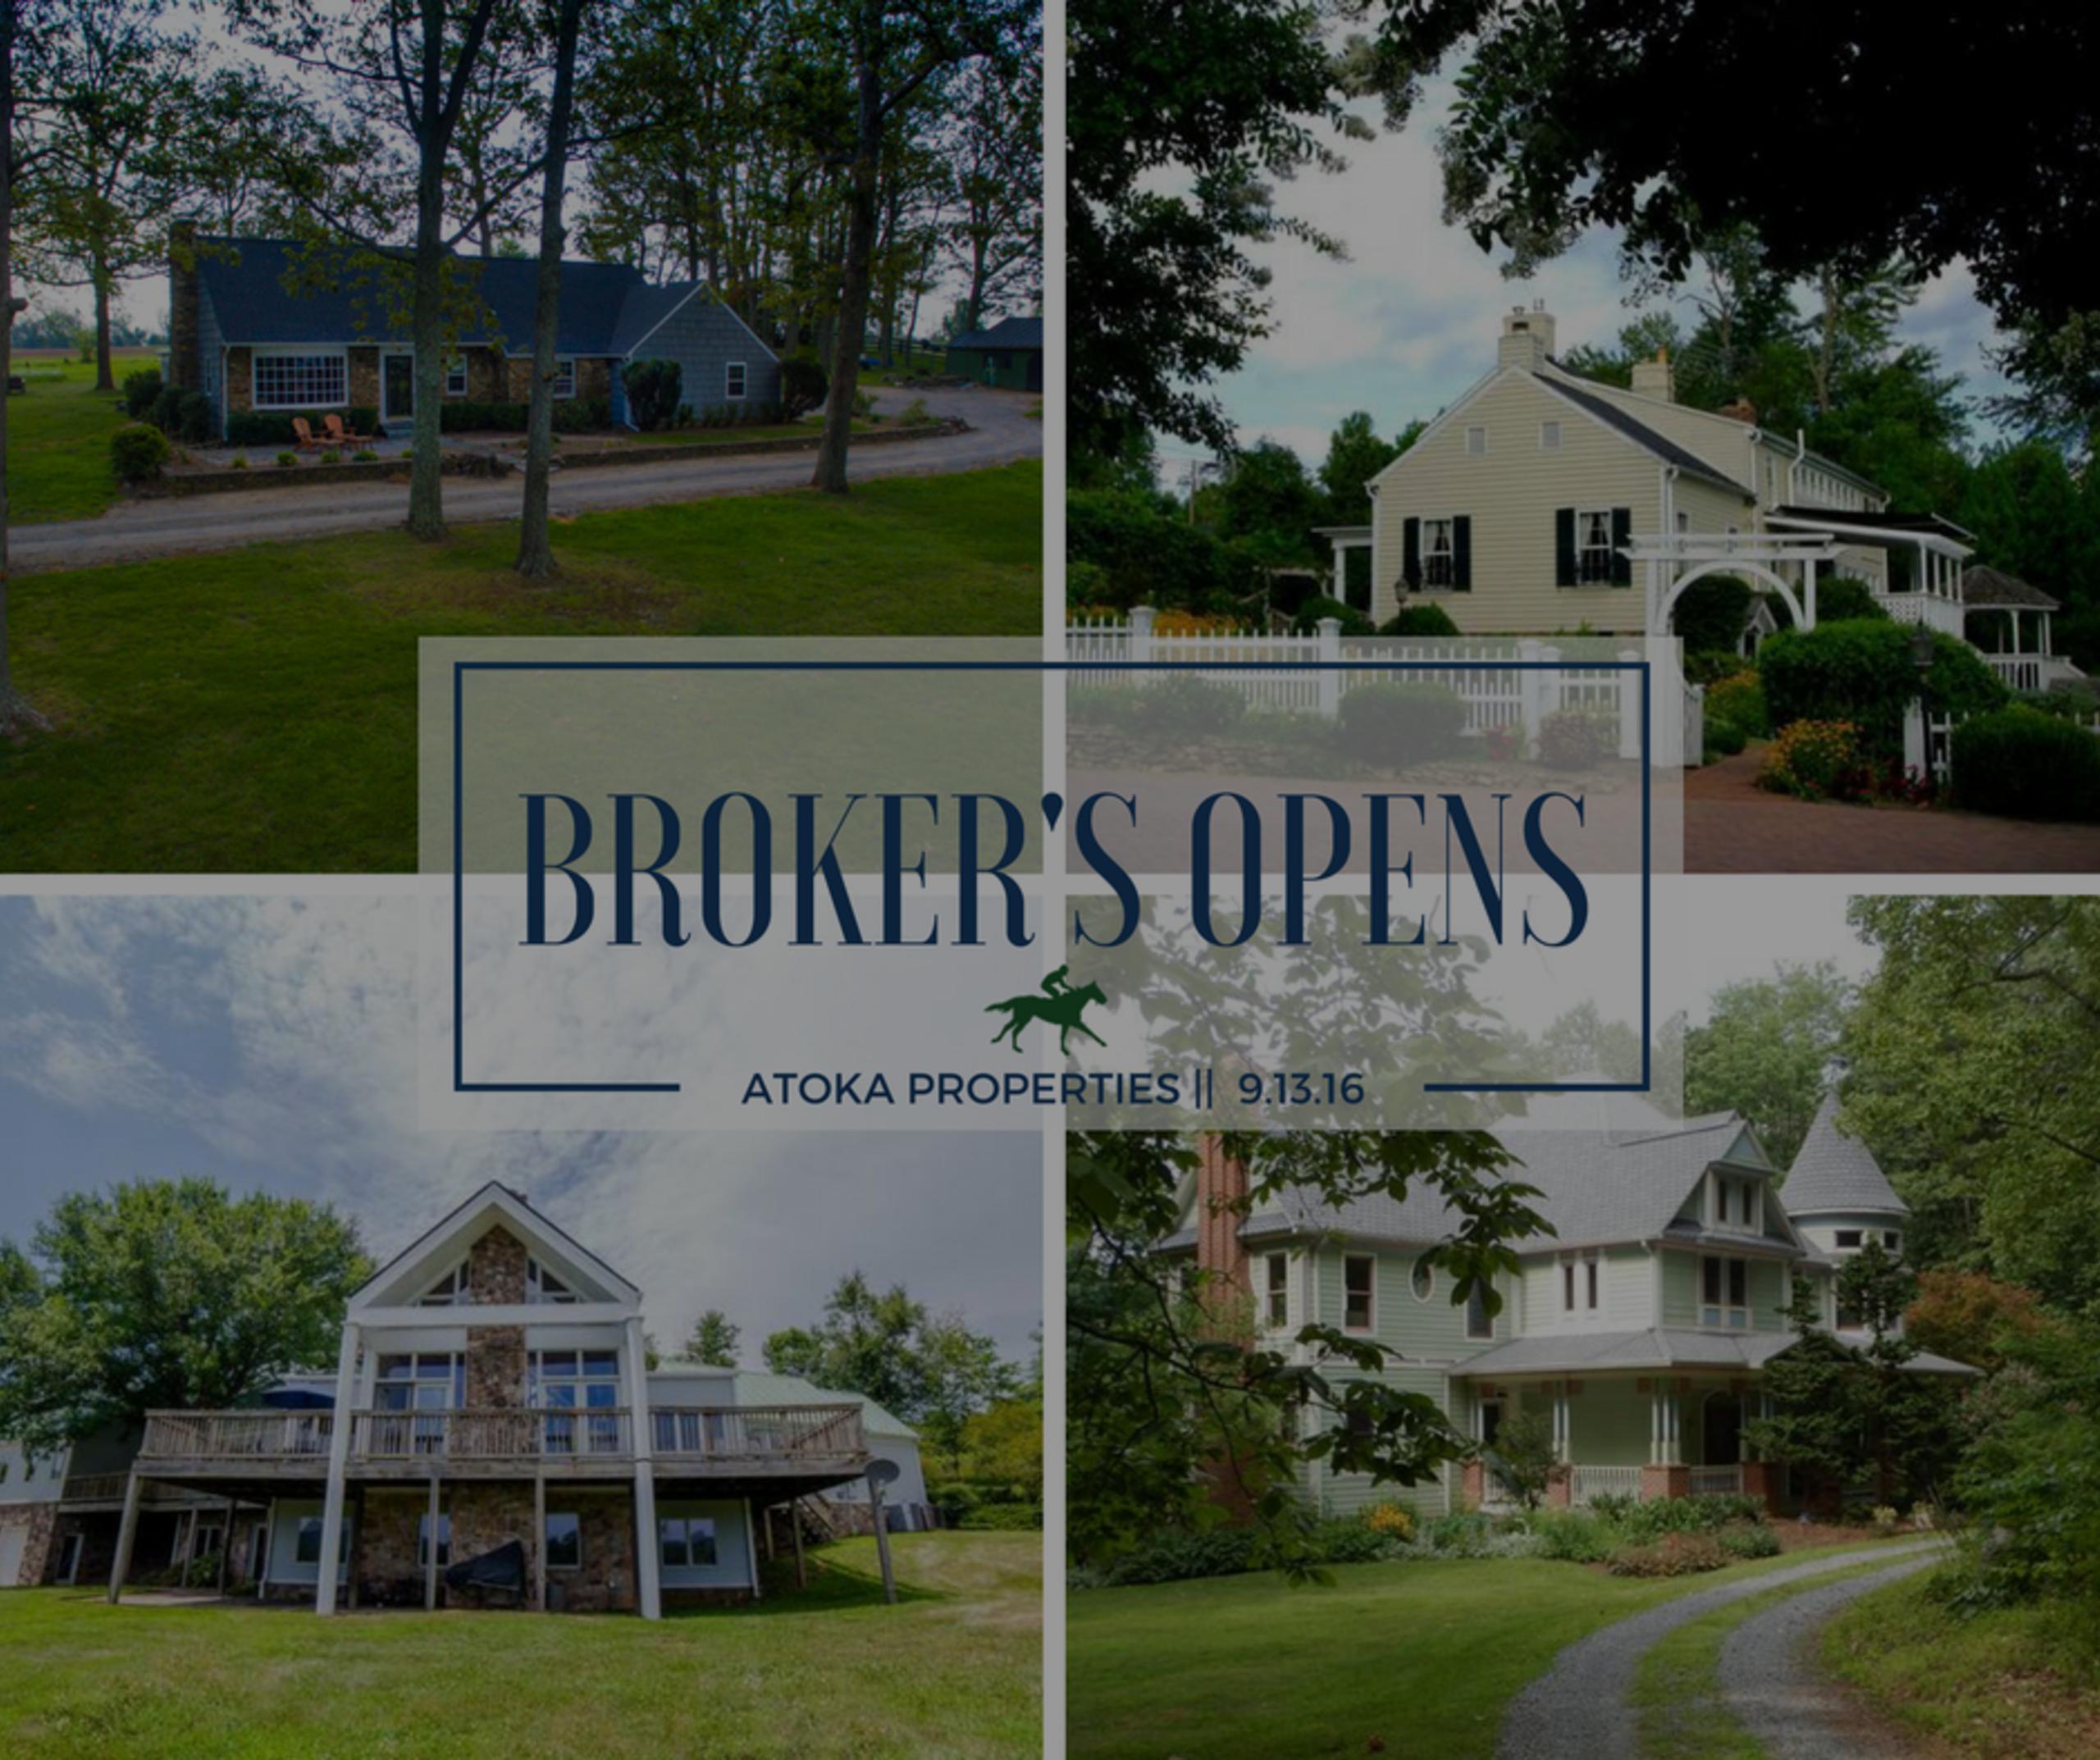 Broker's Opens | 9.13.16